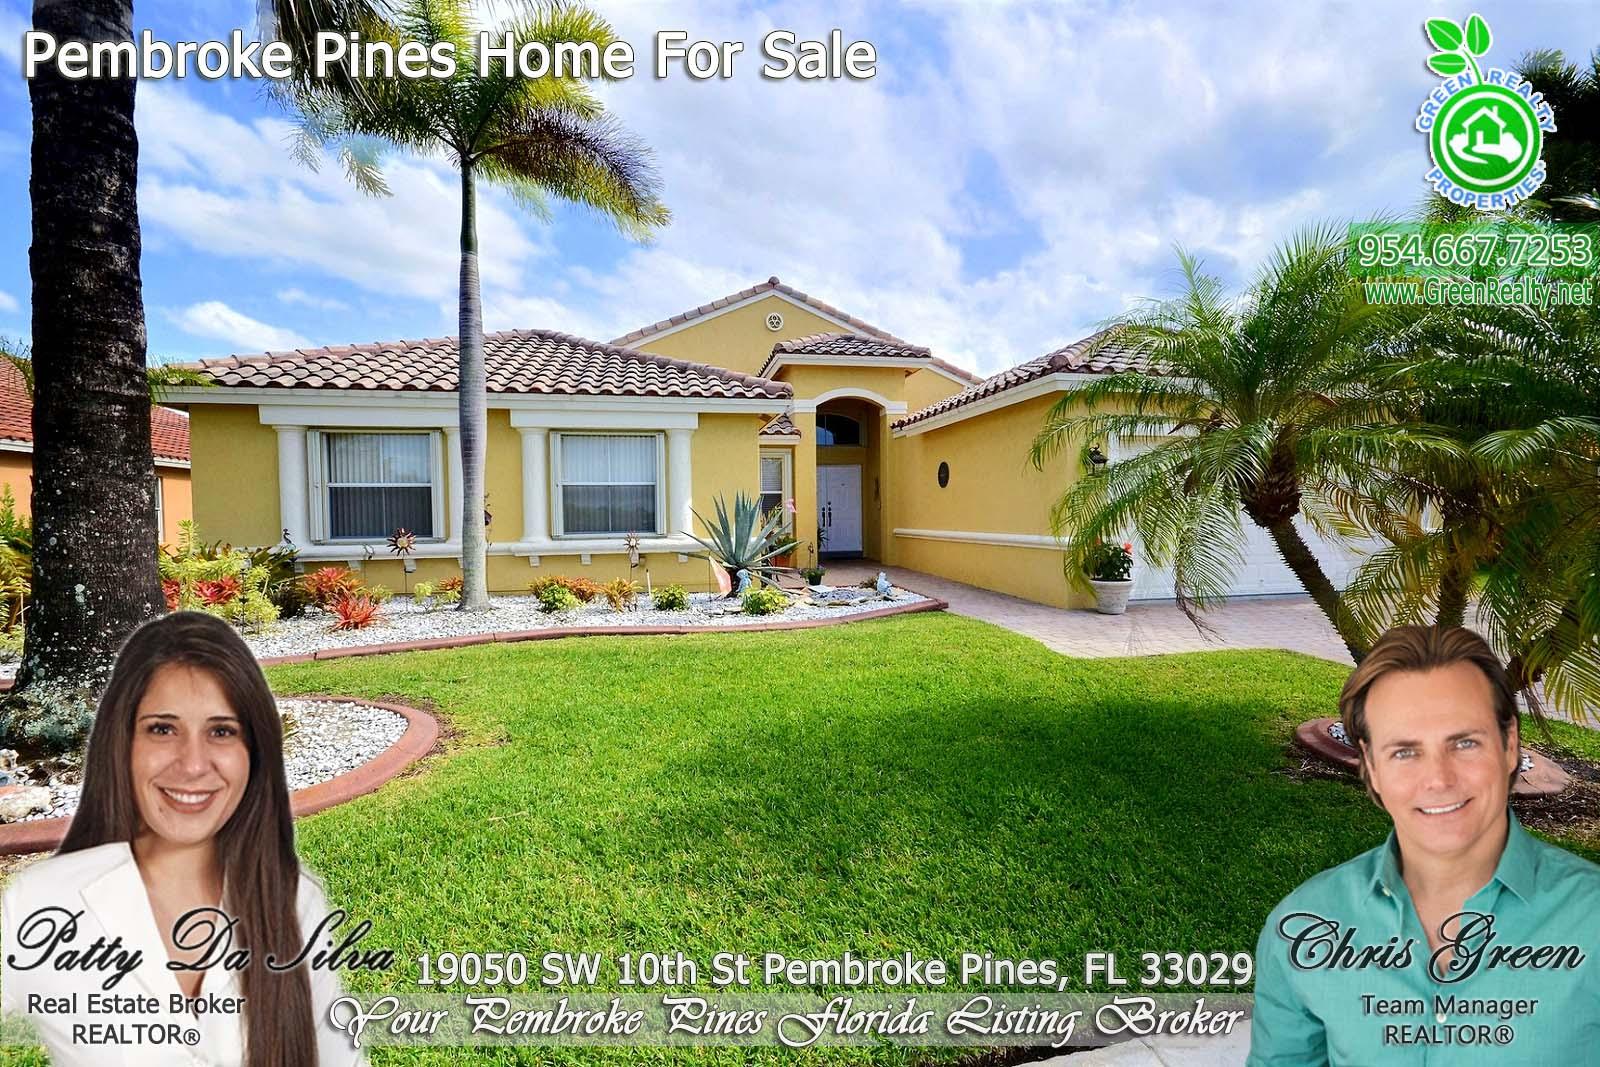 1 Encantada Homes For Sale on Pembroke Pines (2)